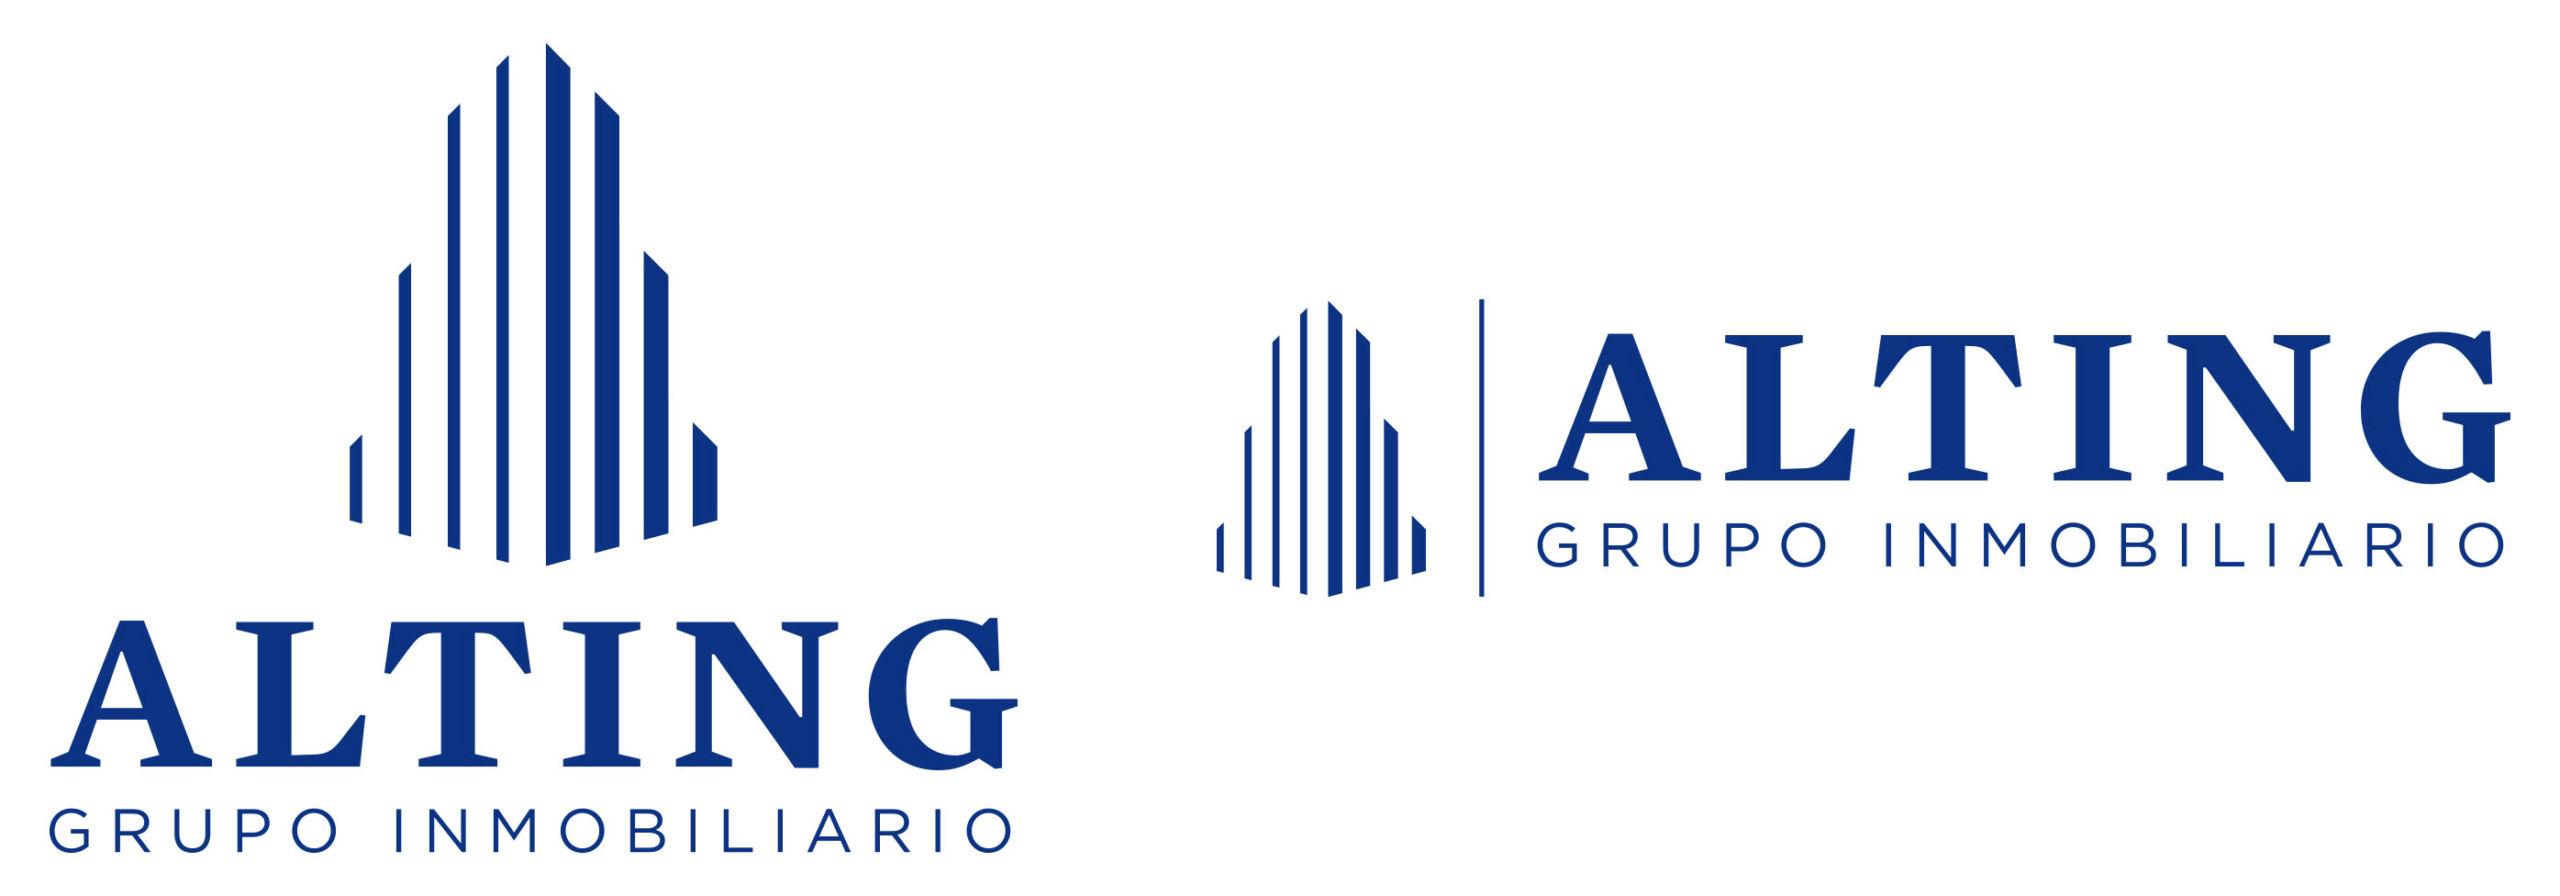 Logos-Alting-2020